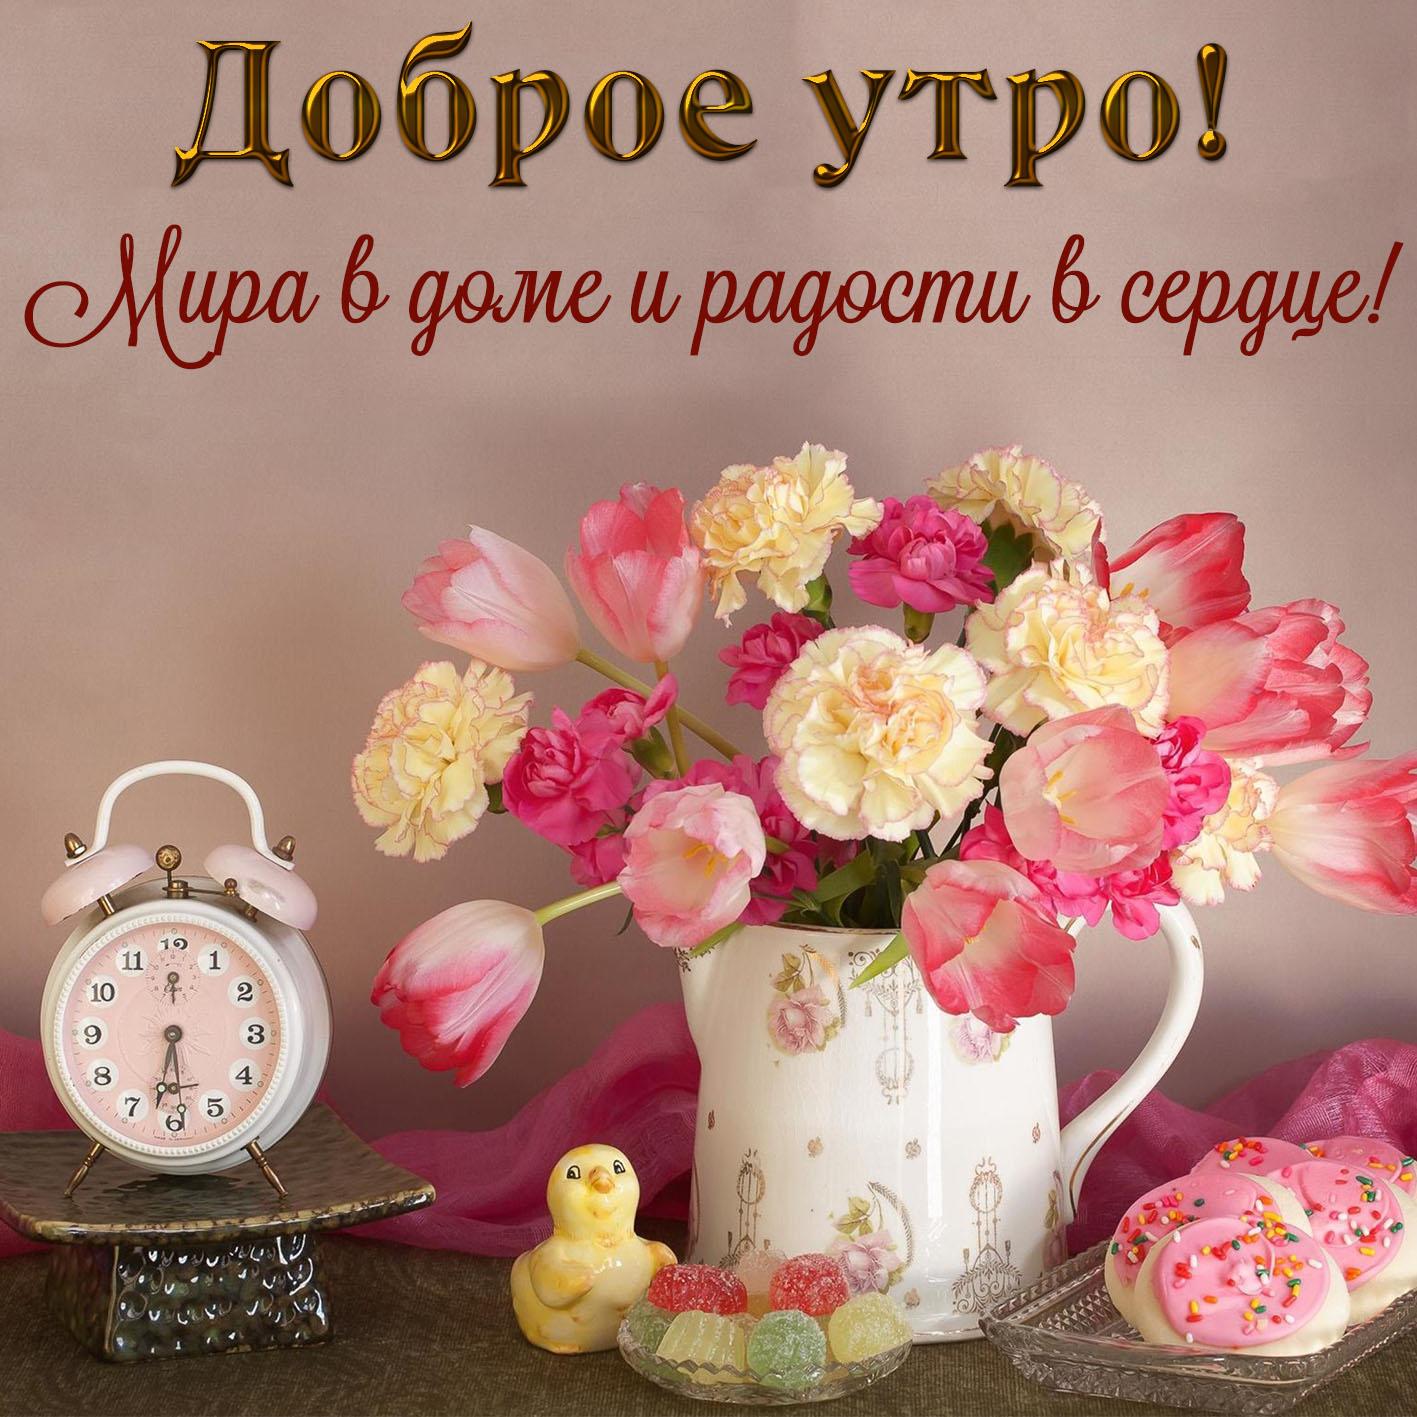 Доброе утро фото с надписью красивые